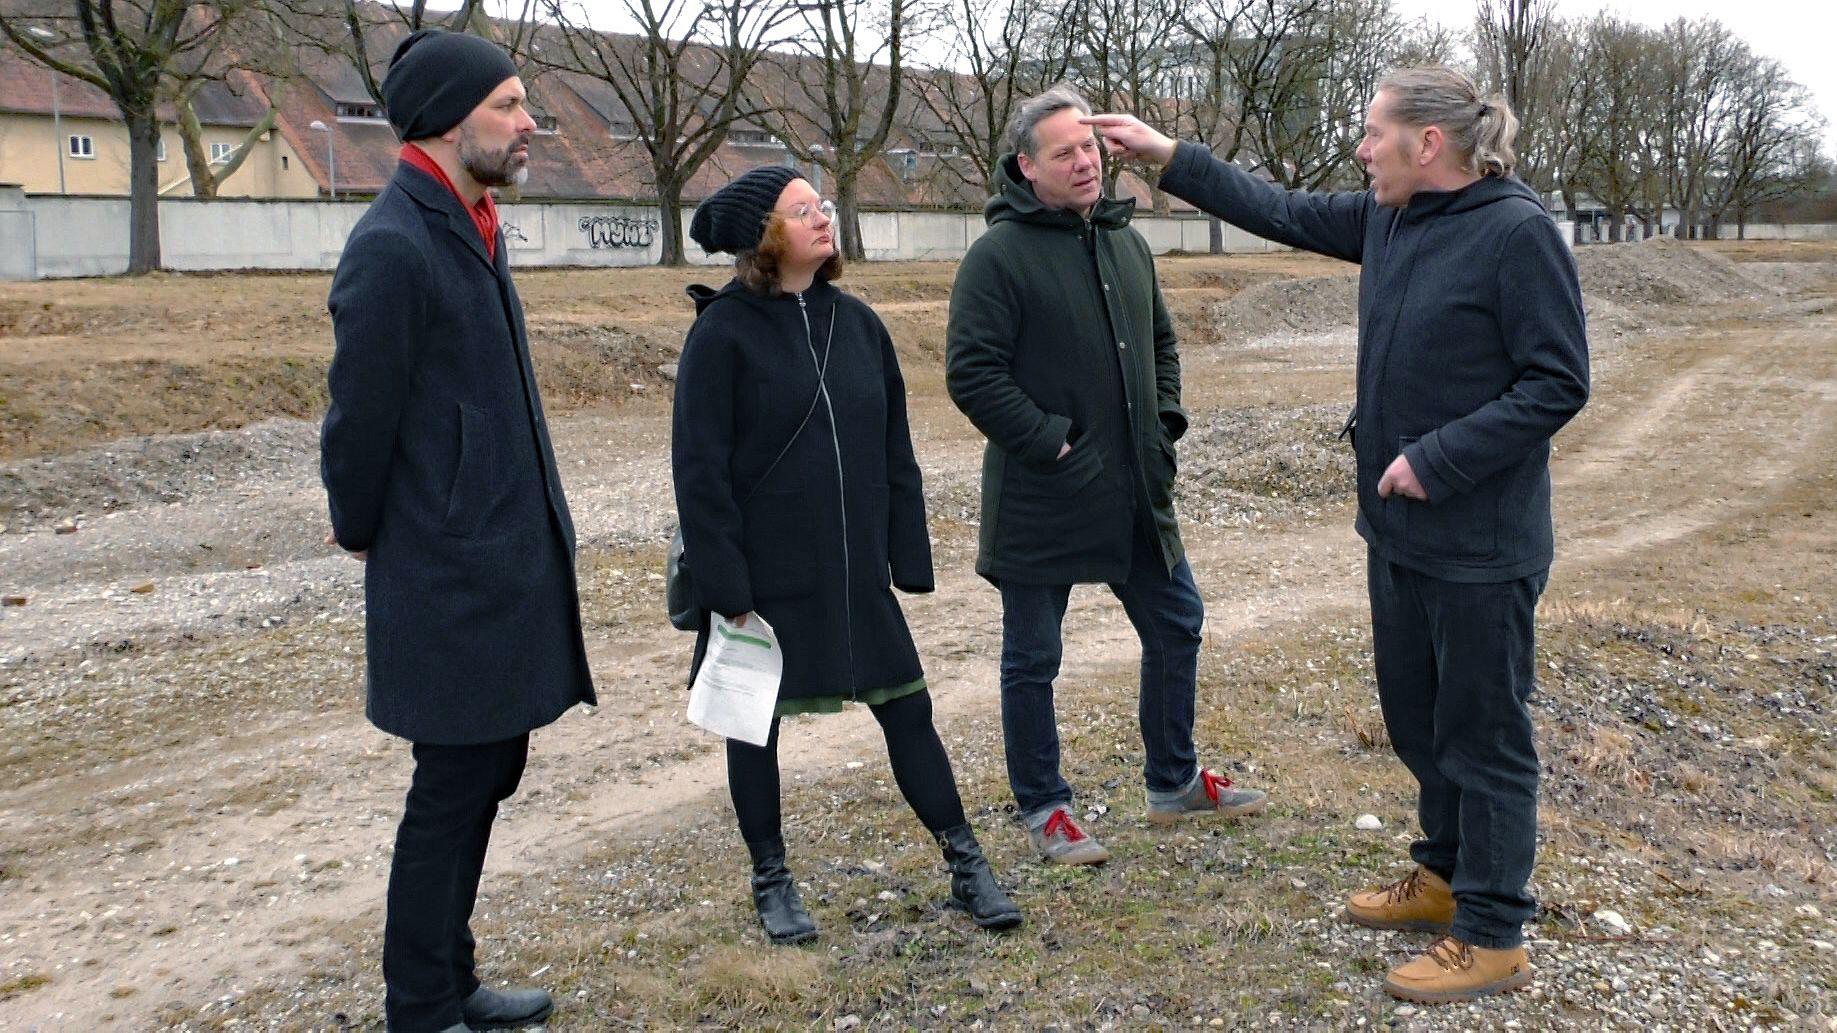 """Holger Werner, Hilde Strobl, Florian Freyer  und Volker Bogatzki von der """"WOGENAU"""" auf dem Areal der ehemaligen Sheridan-Kaserne in Augsburg"""